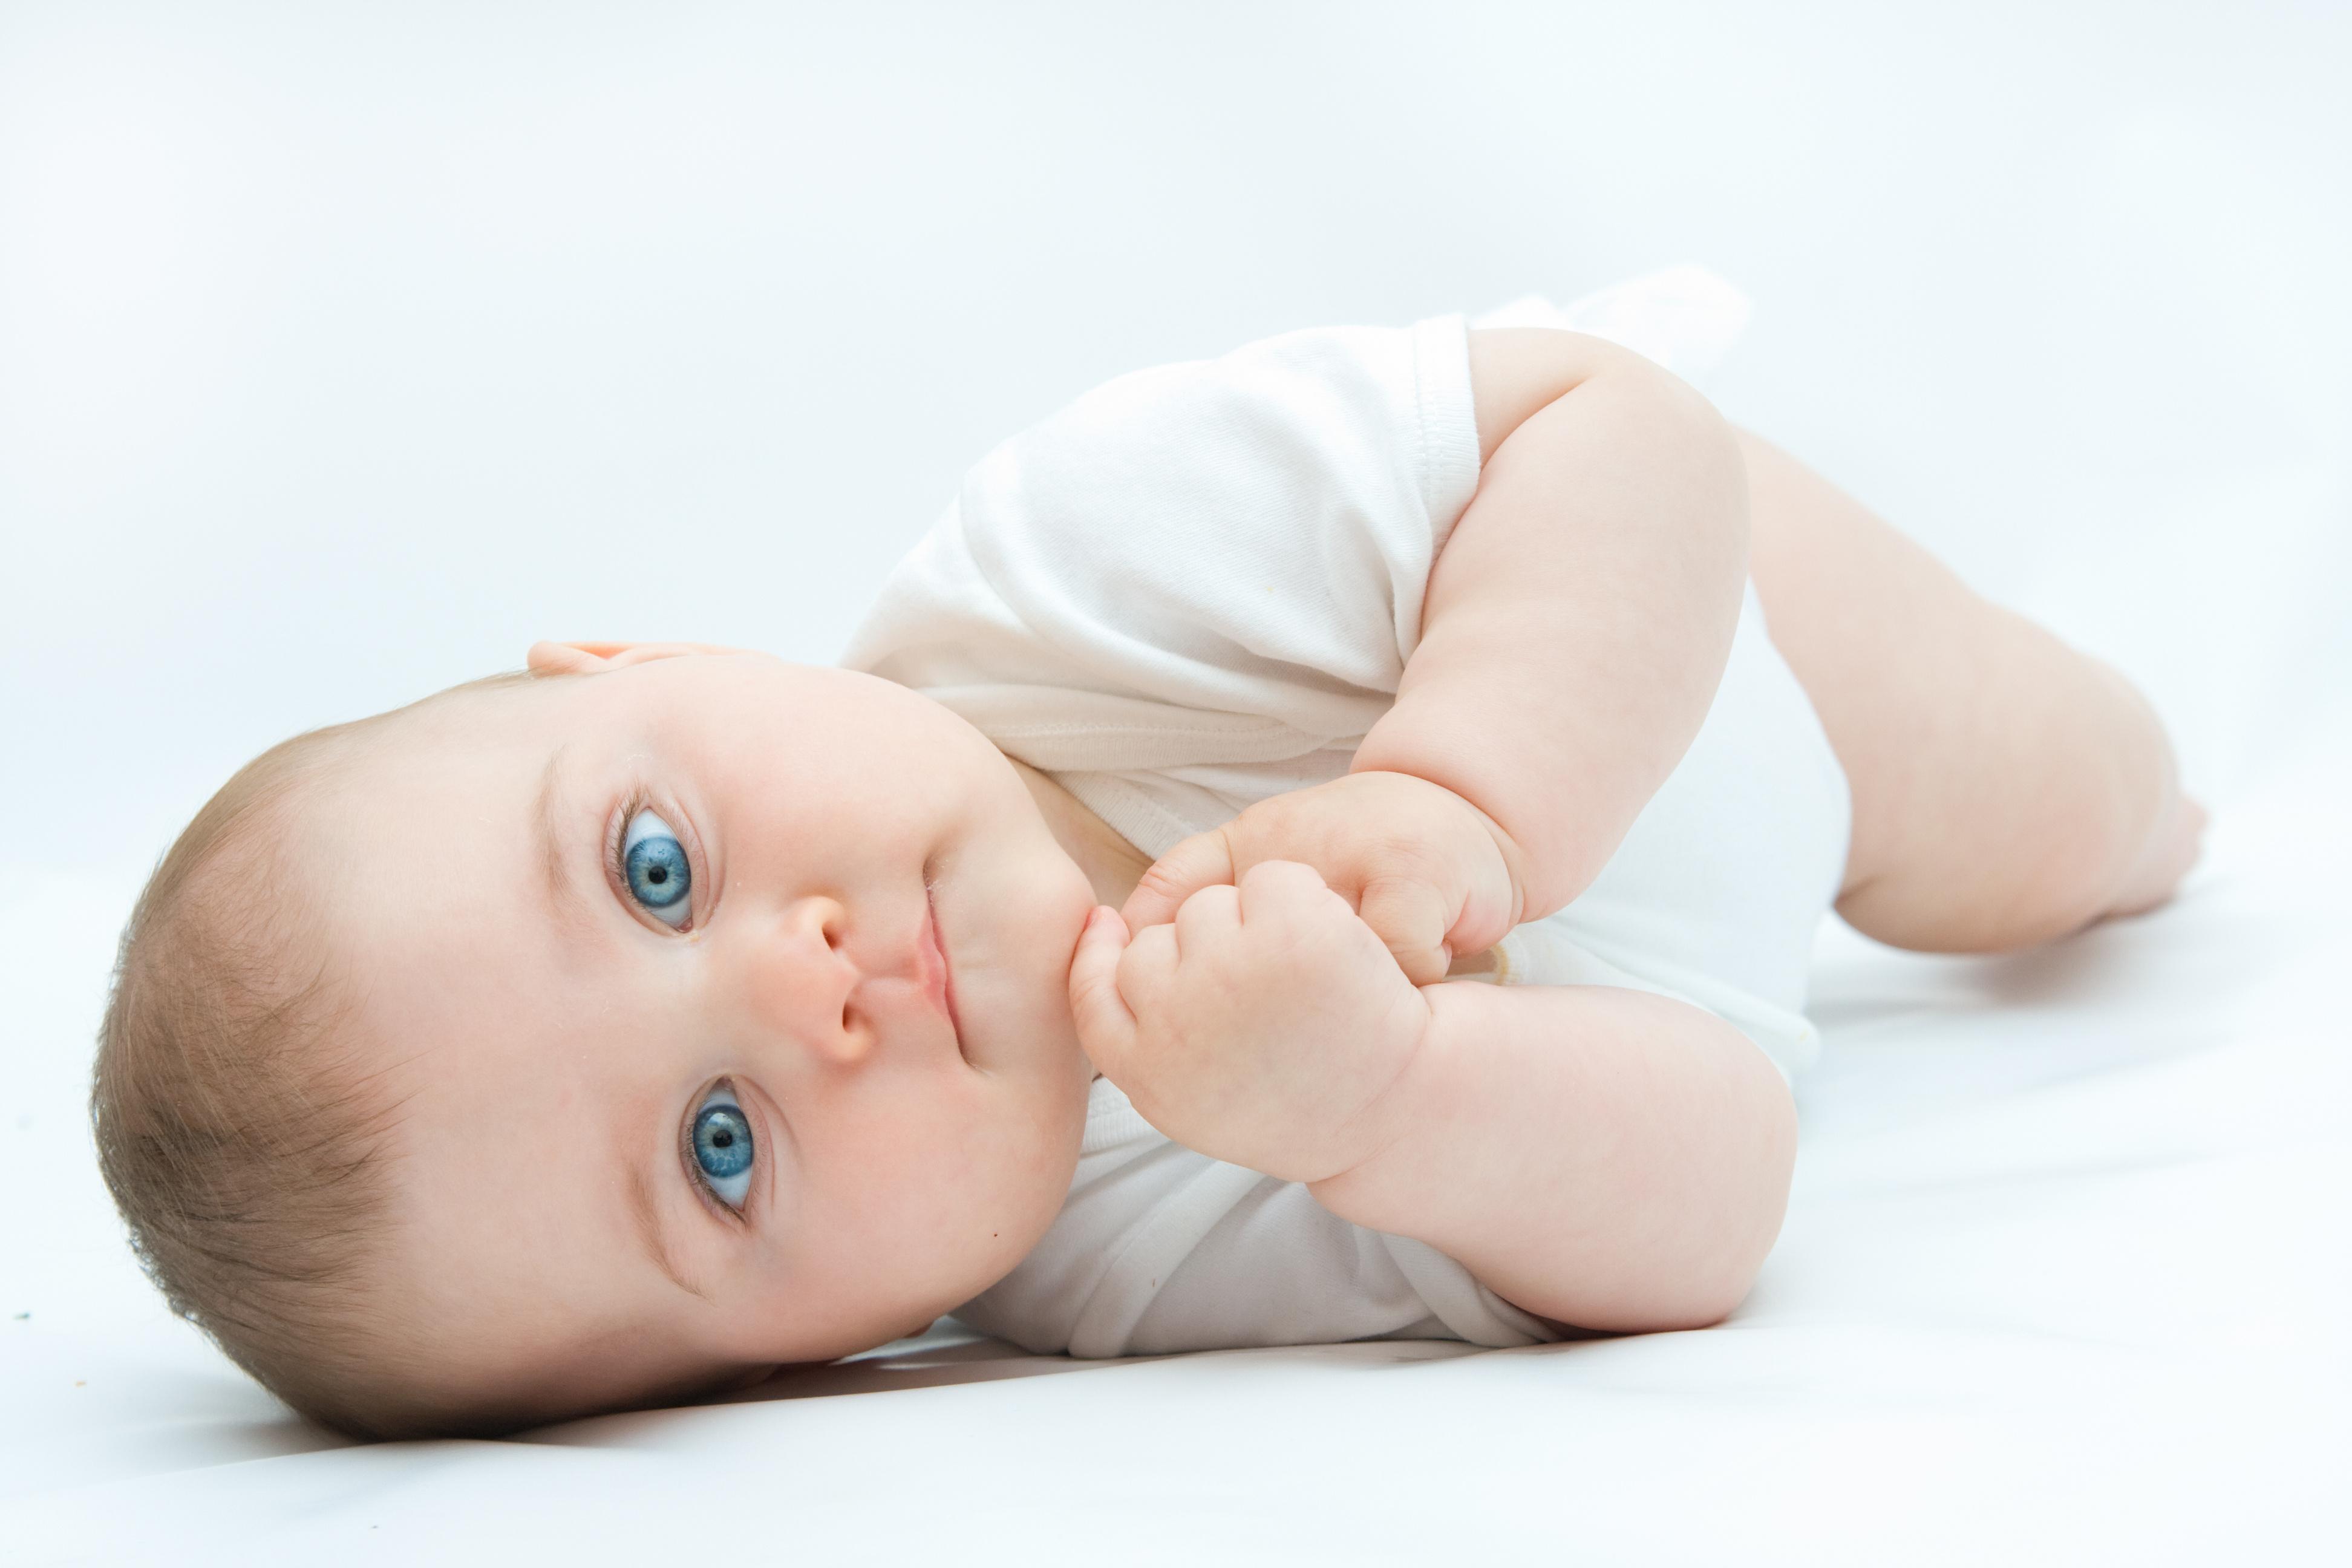 Картинки детей младенца